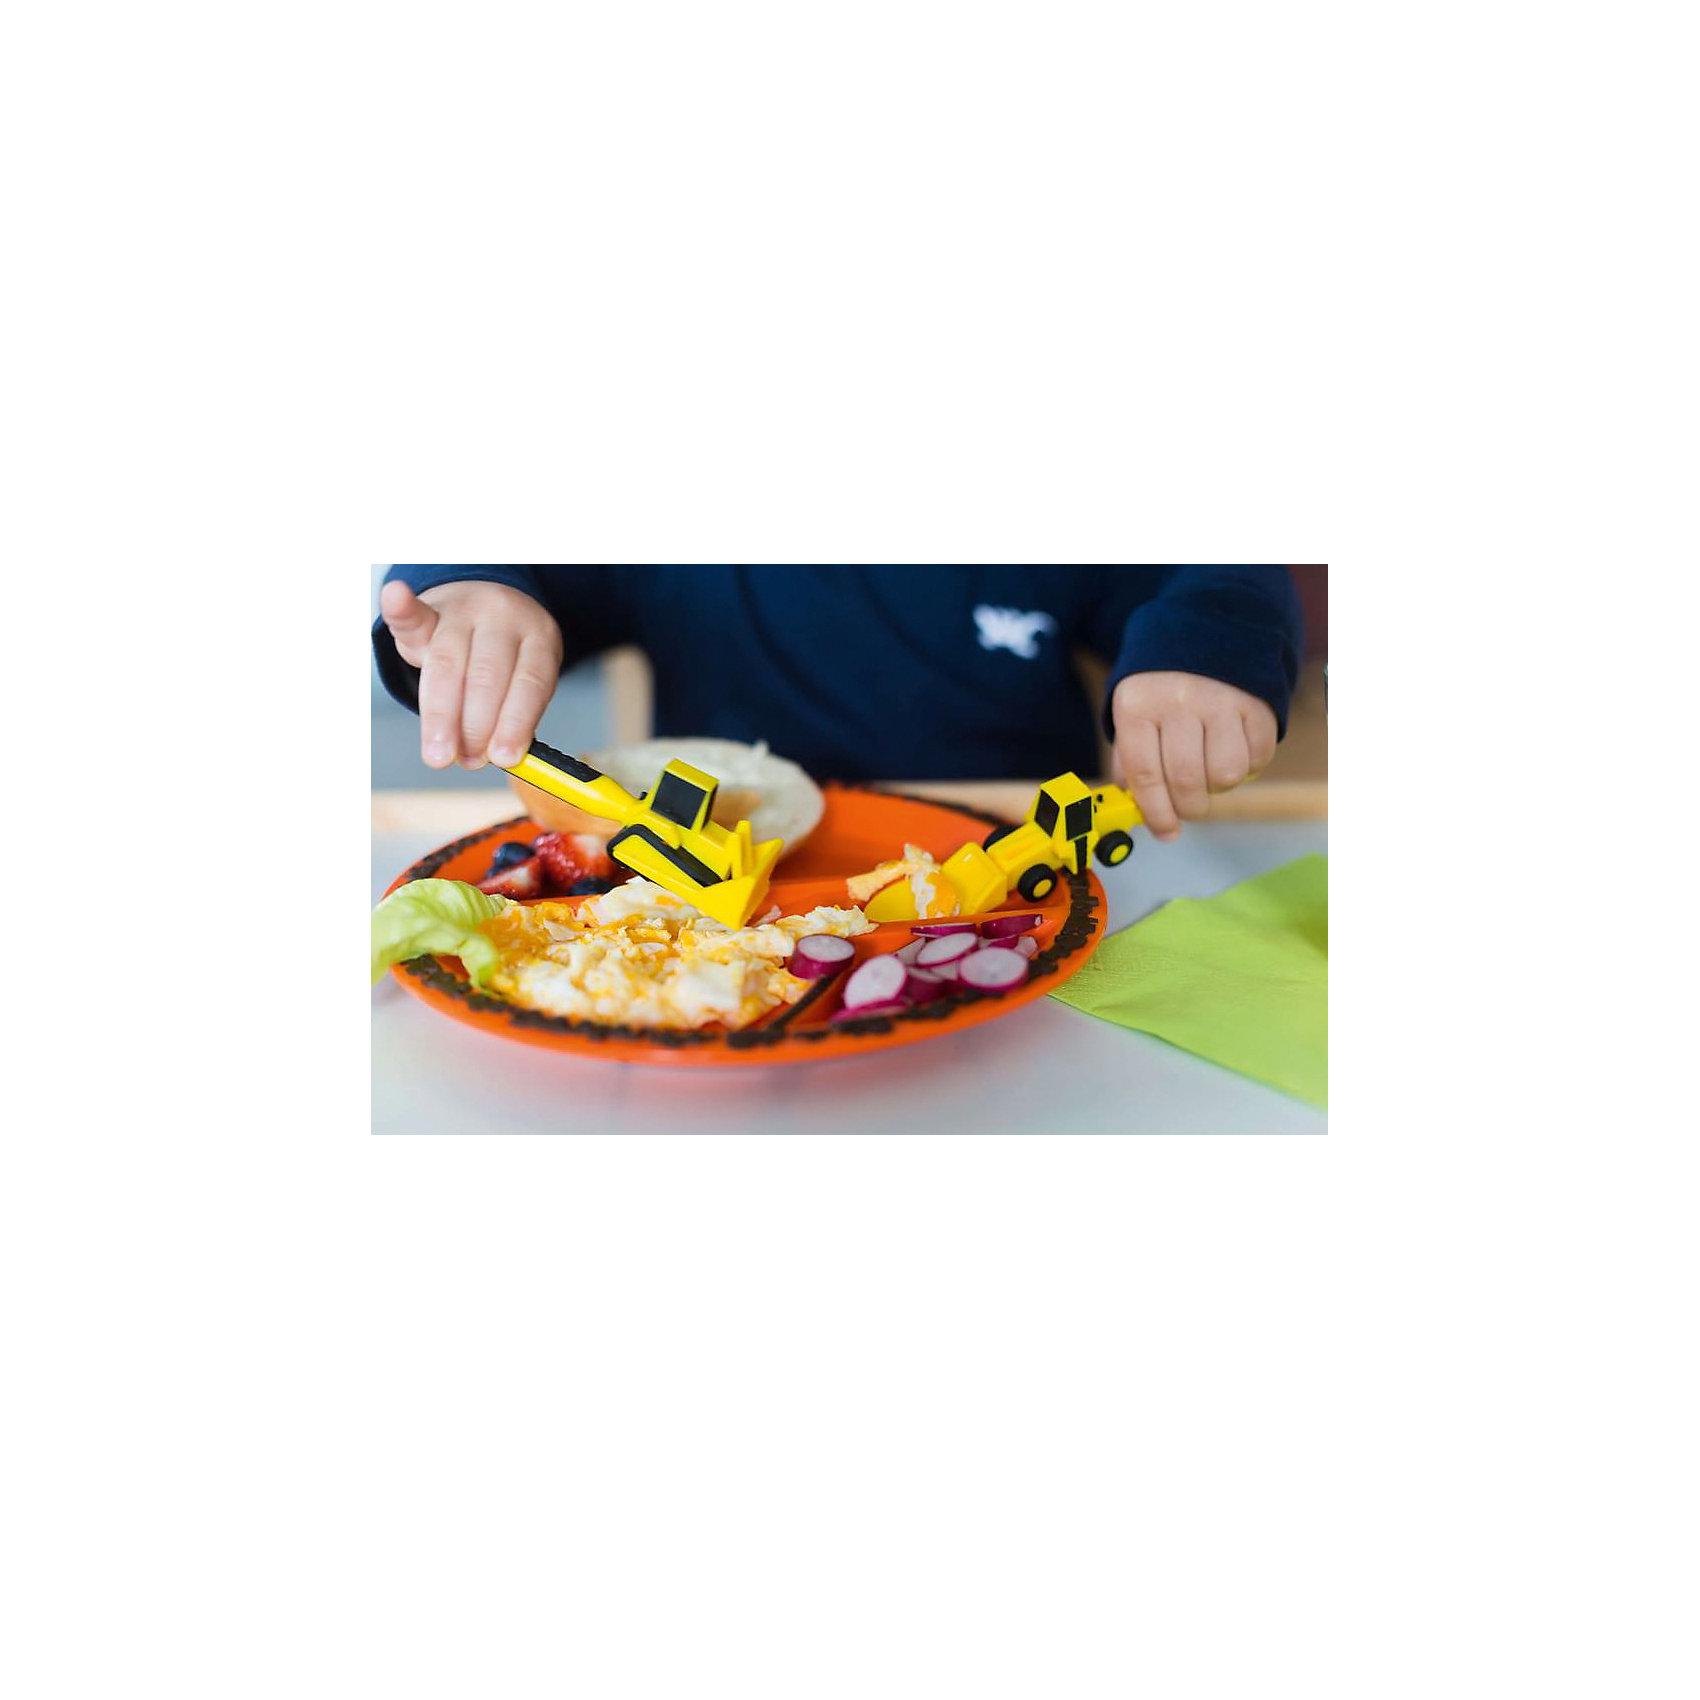 Тарелка Строительная серия, Constructive Eating, оранжевый (Constructive eating)